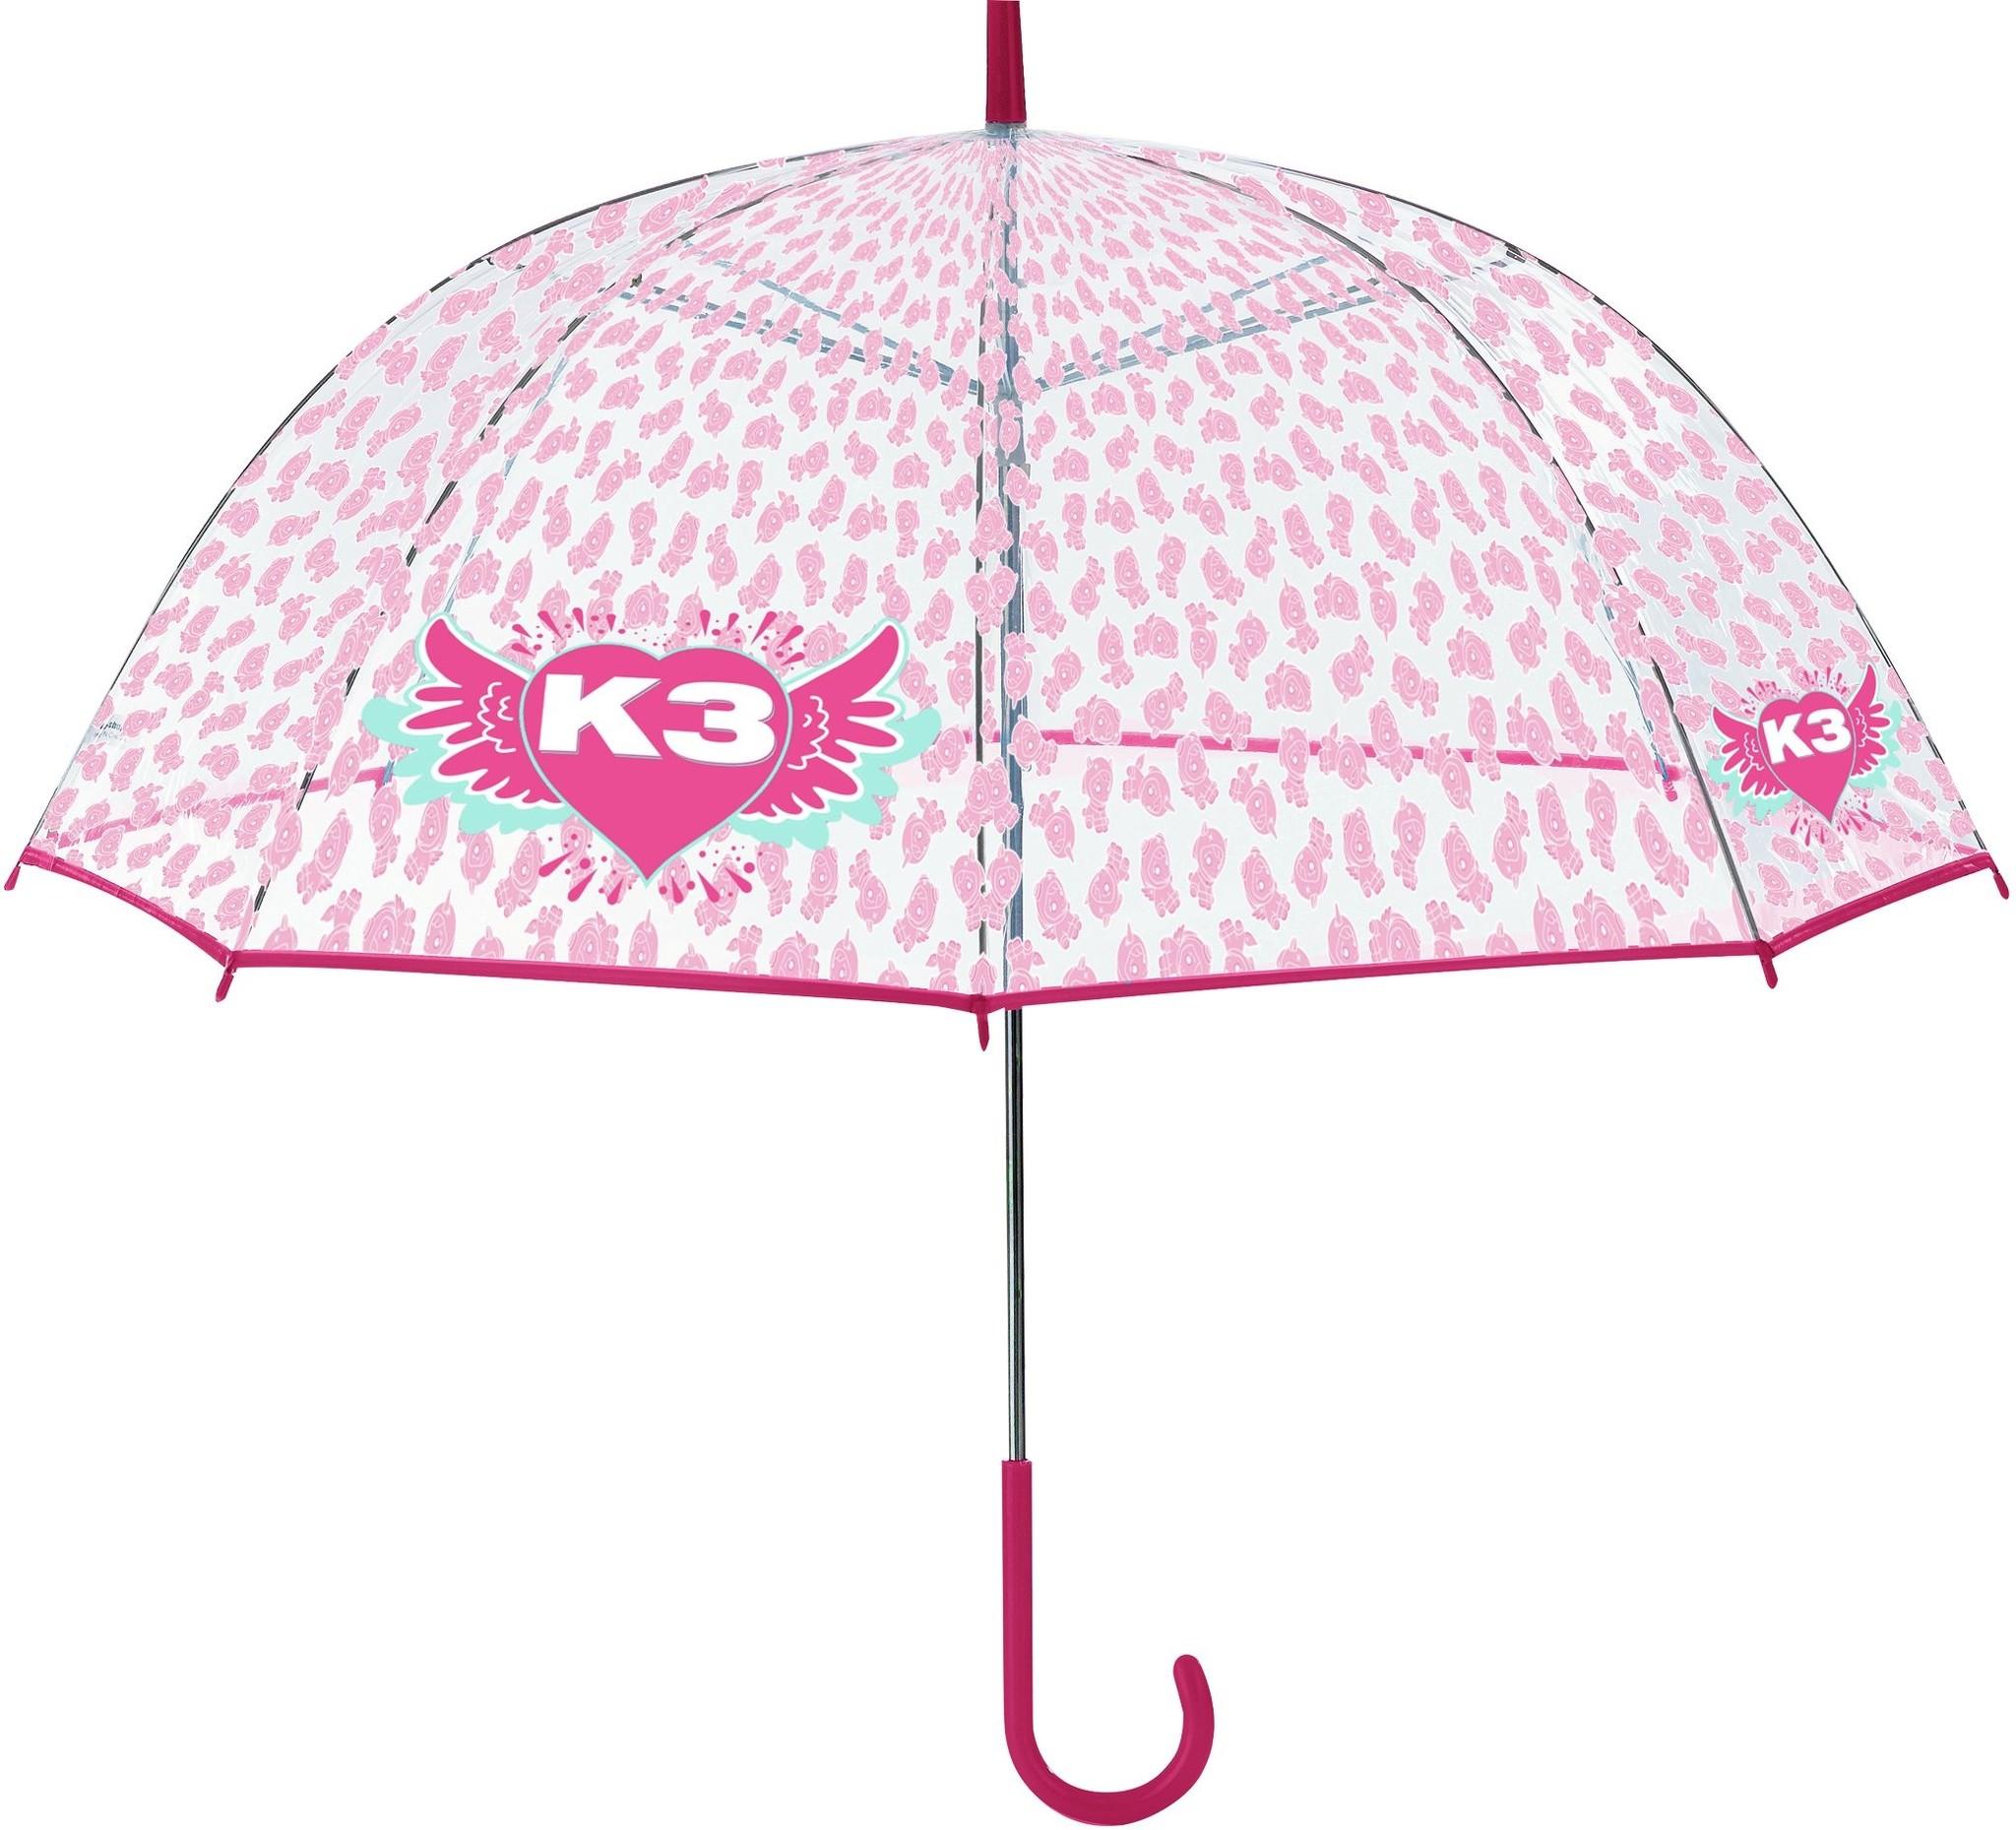 K3: parapluie - rêves